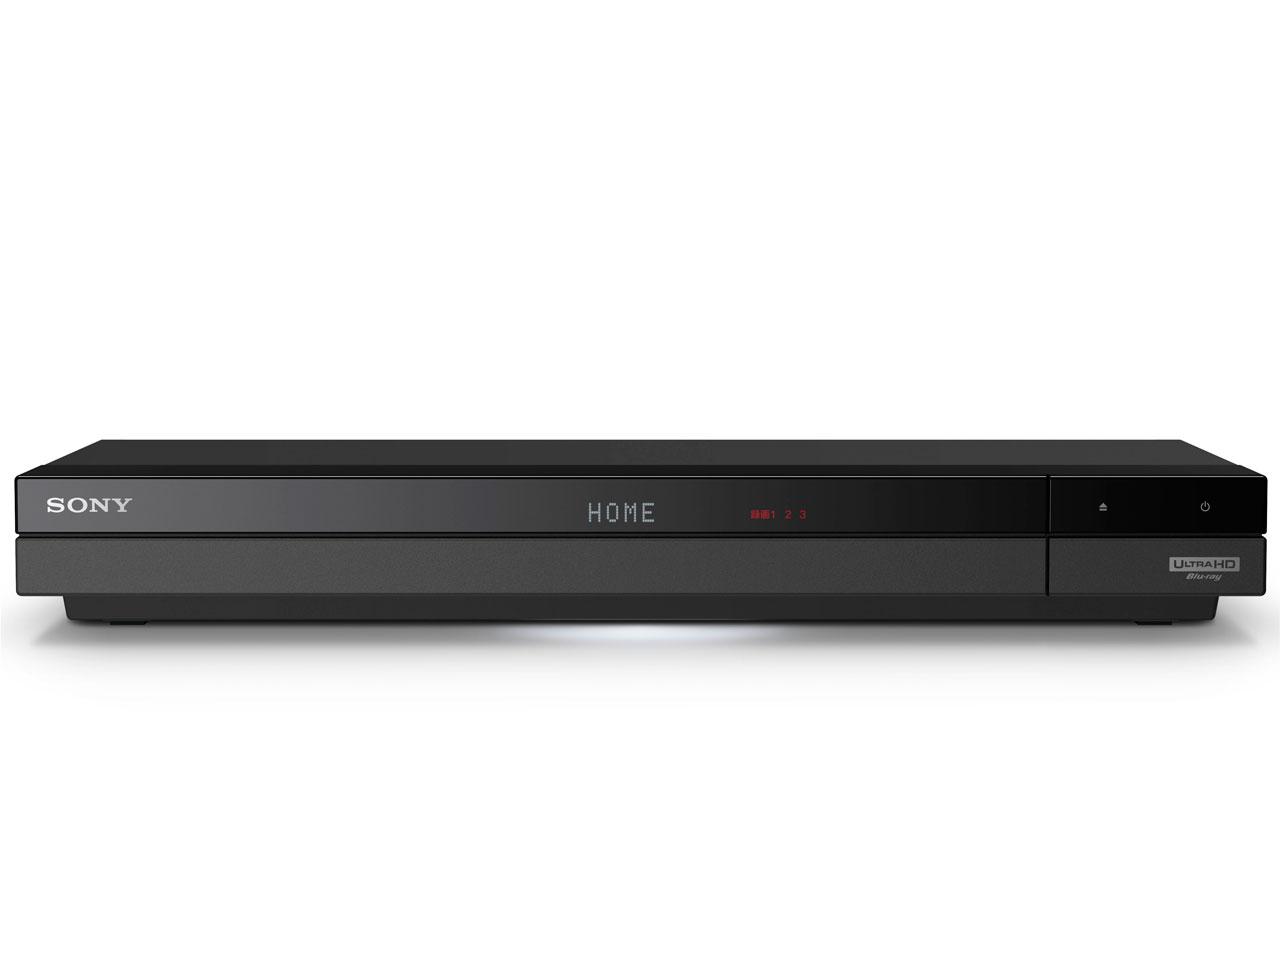 価格.com】ブルーレイレコーダー・DVDレコーダー | 通販・価格比較 ...